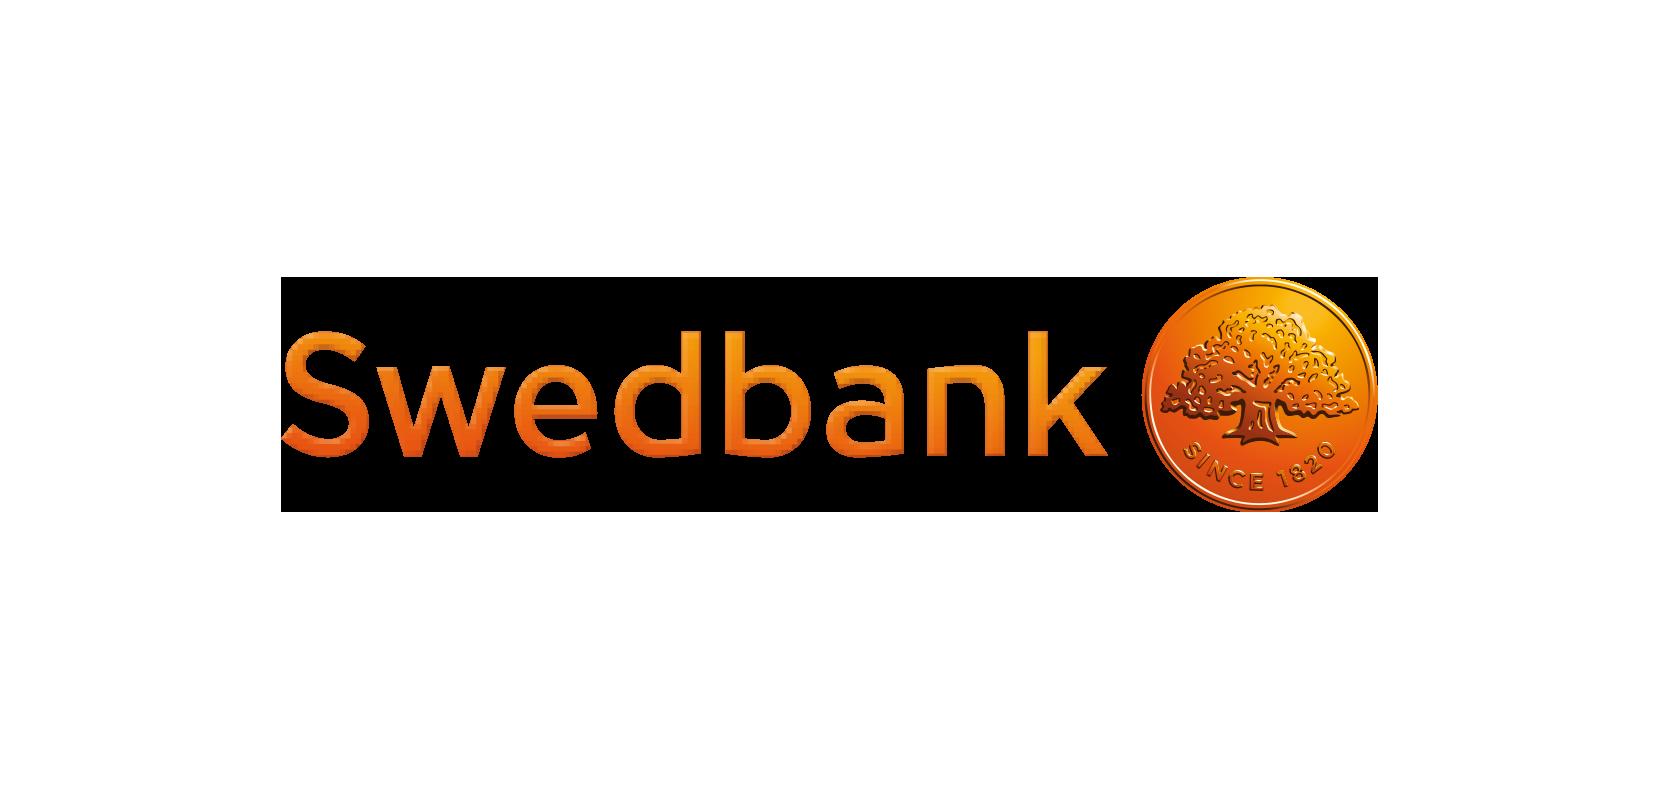 Swedbank.png